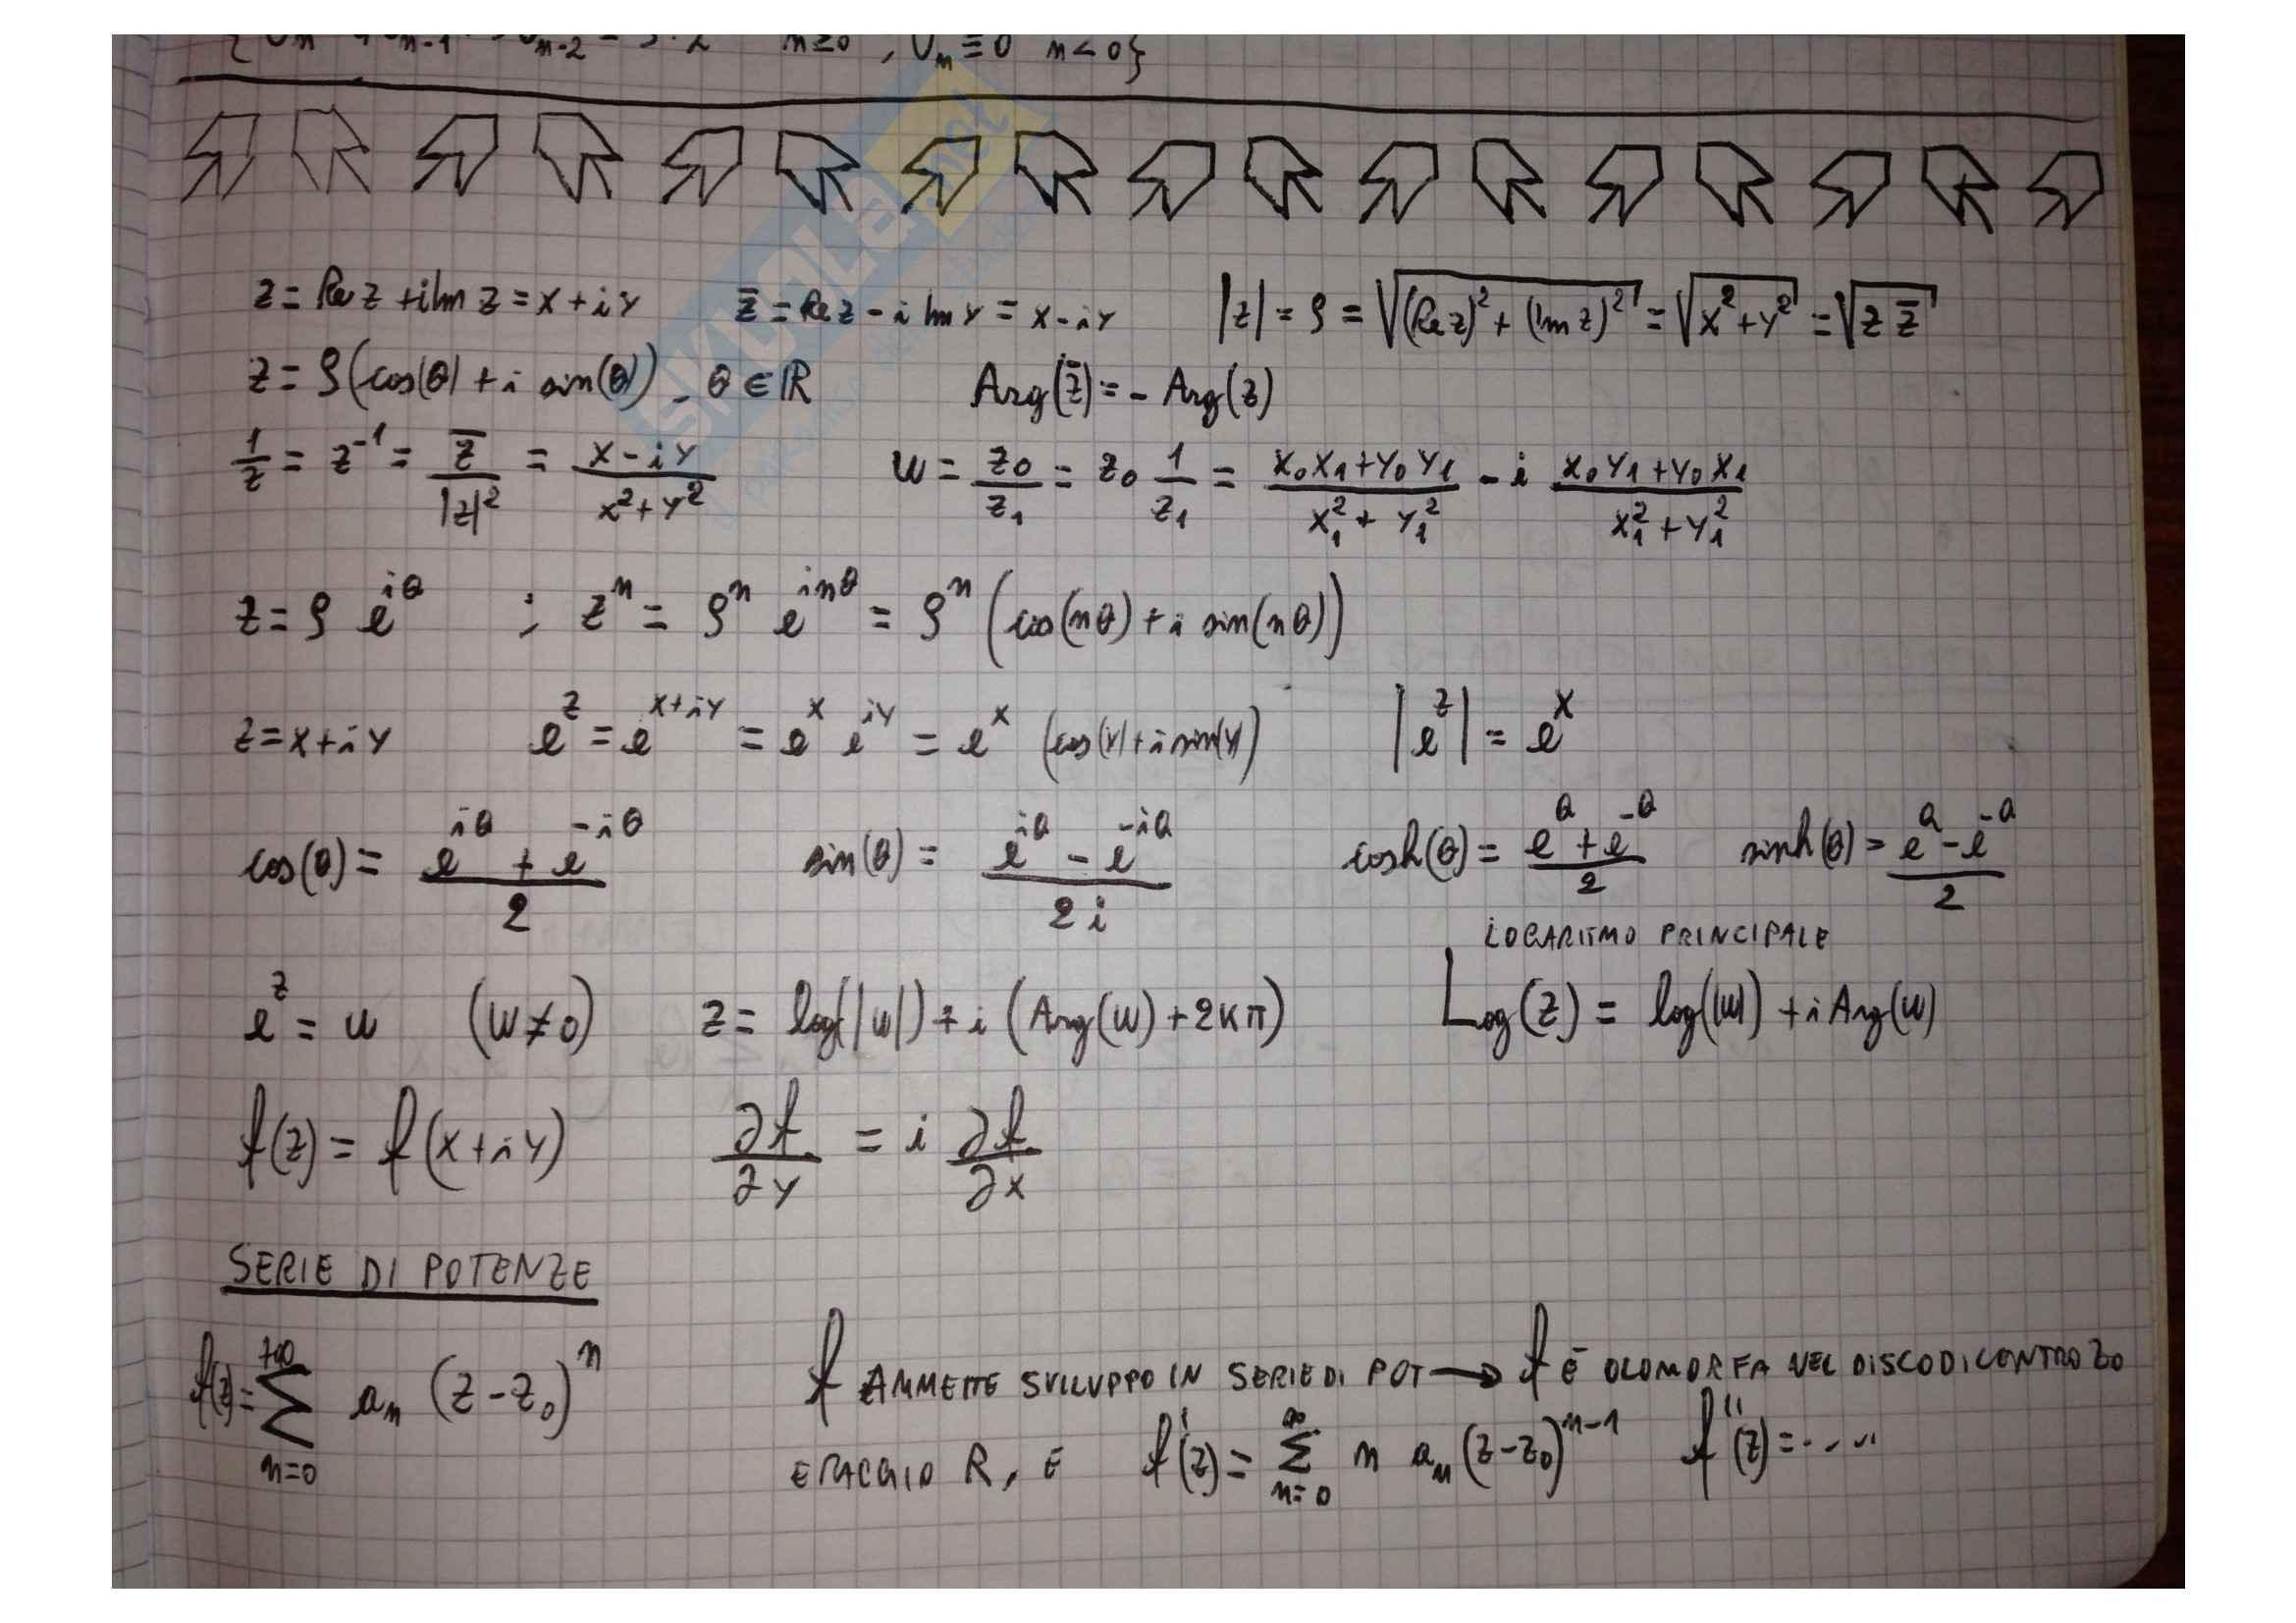 Metodi matematici per l'ingegneria - Formulario